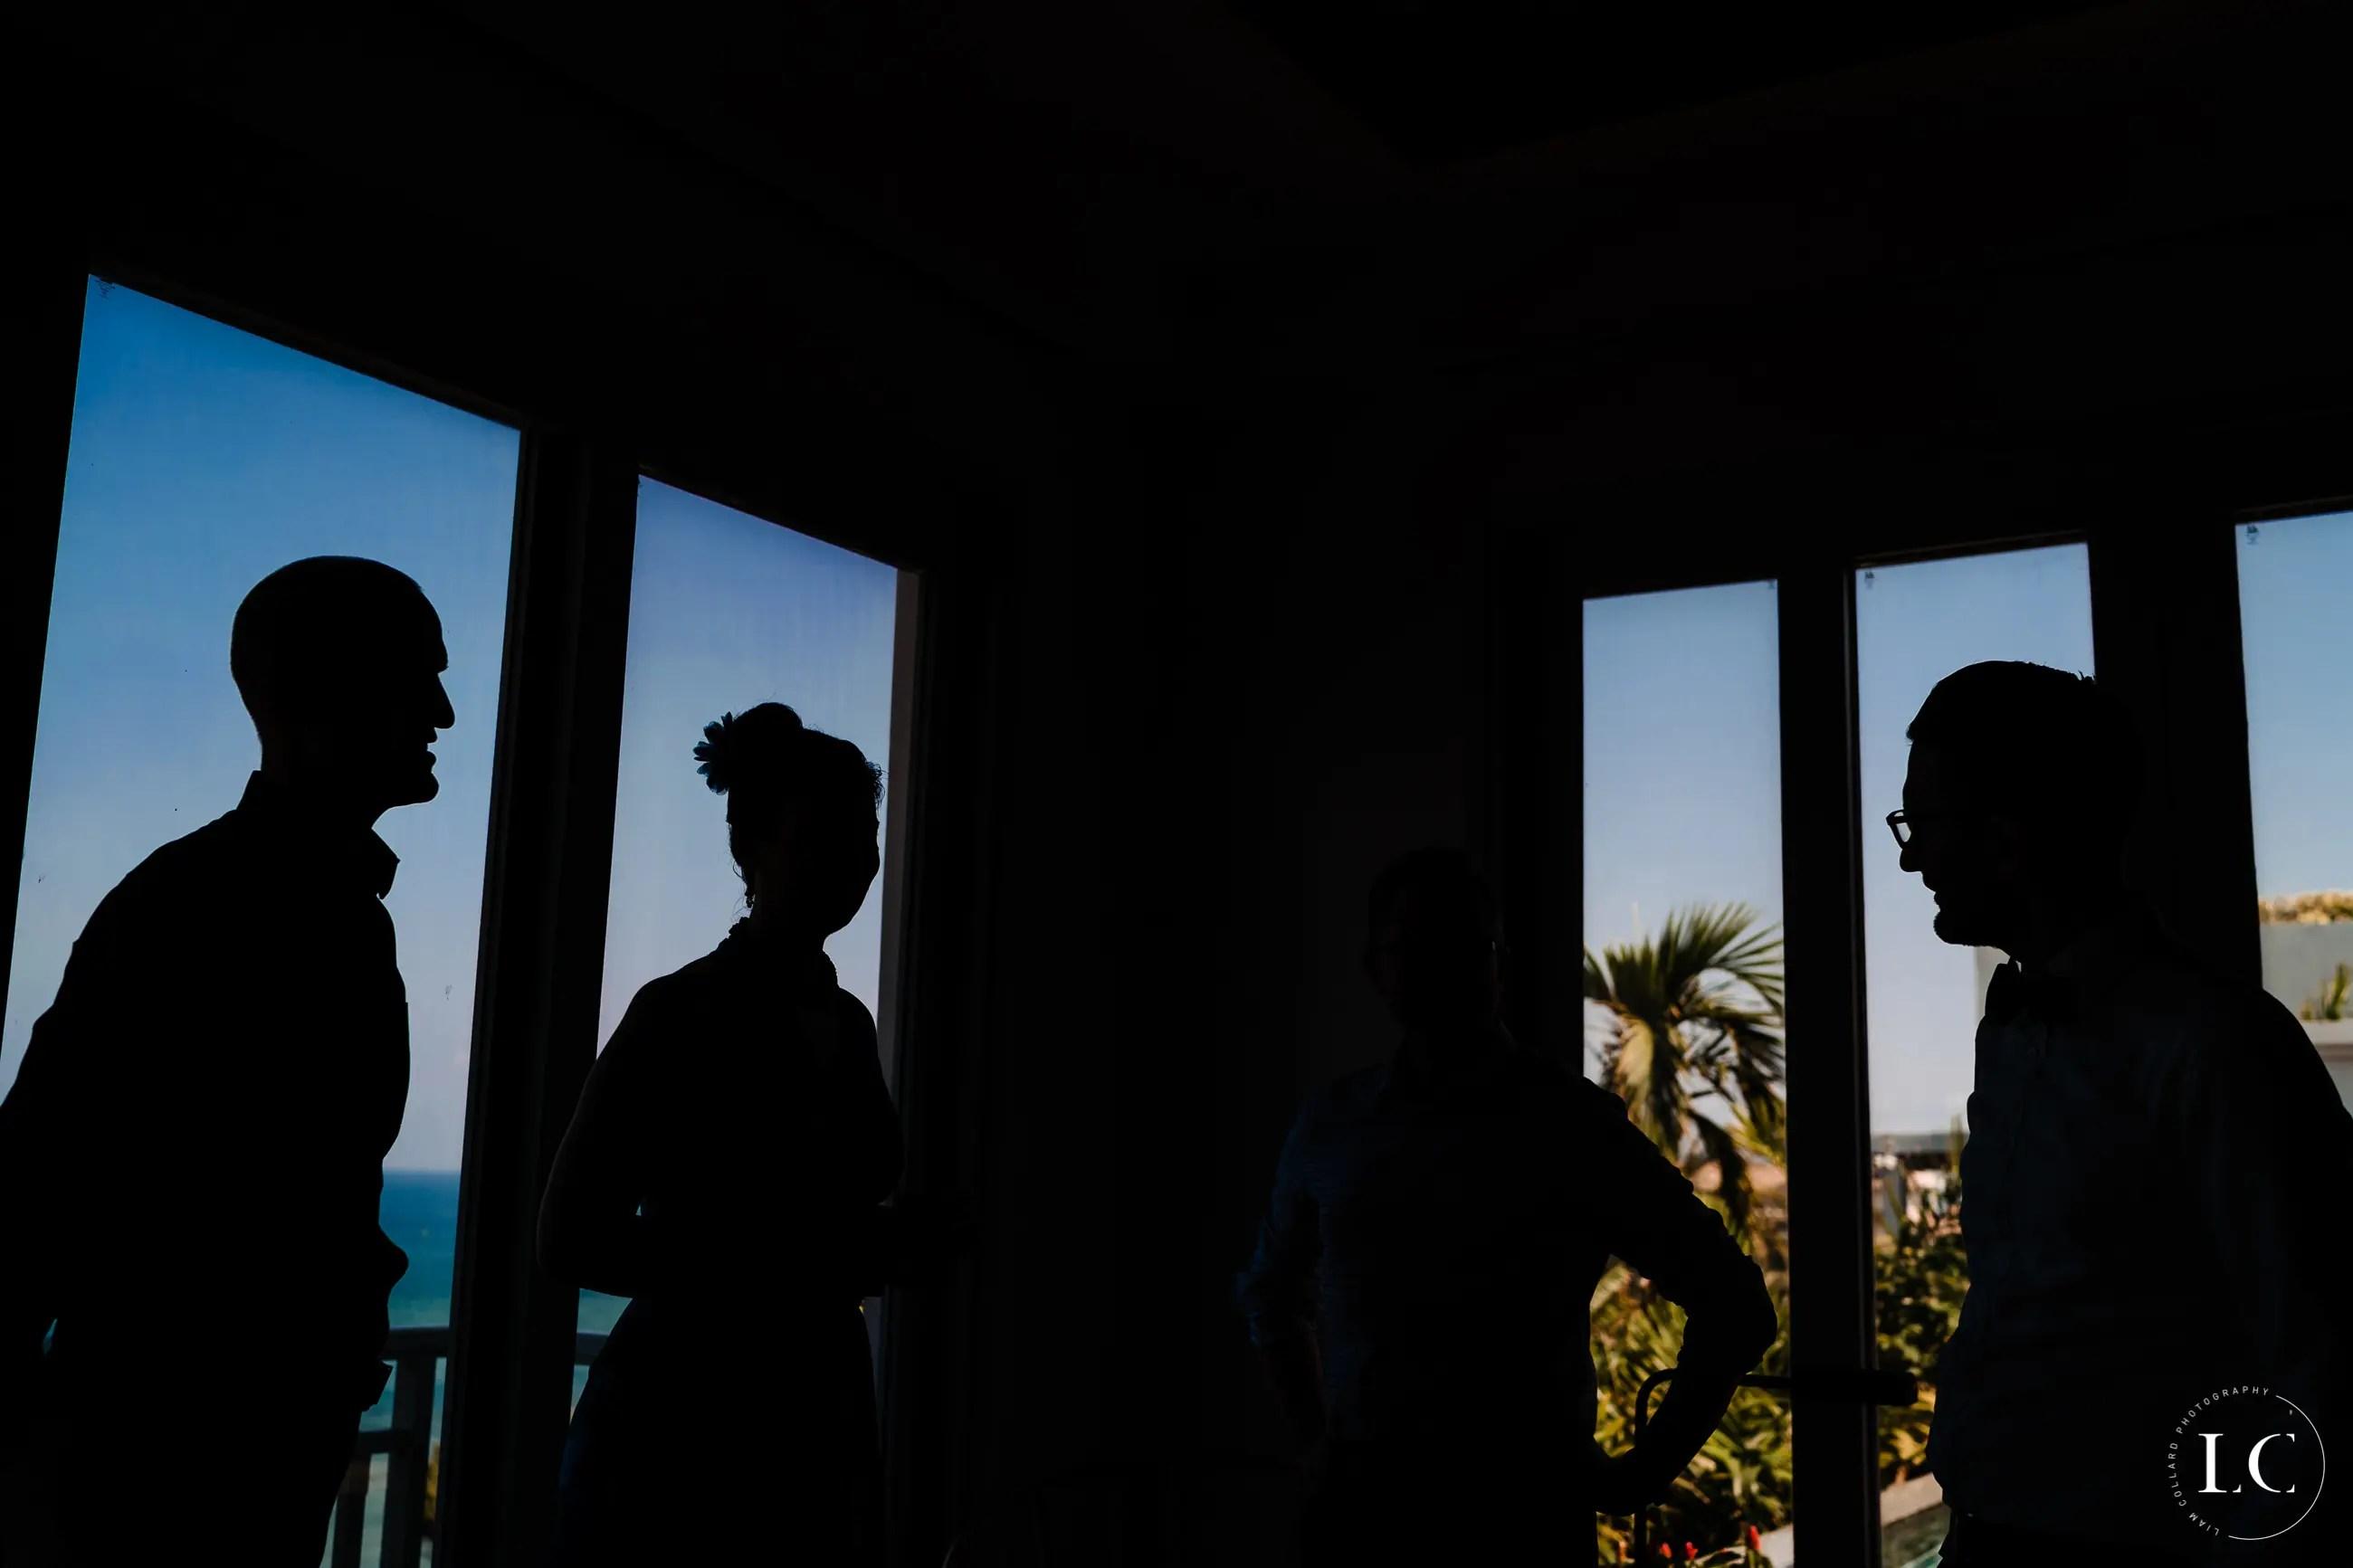 Shadows of bridal party